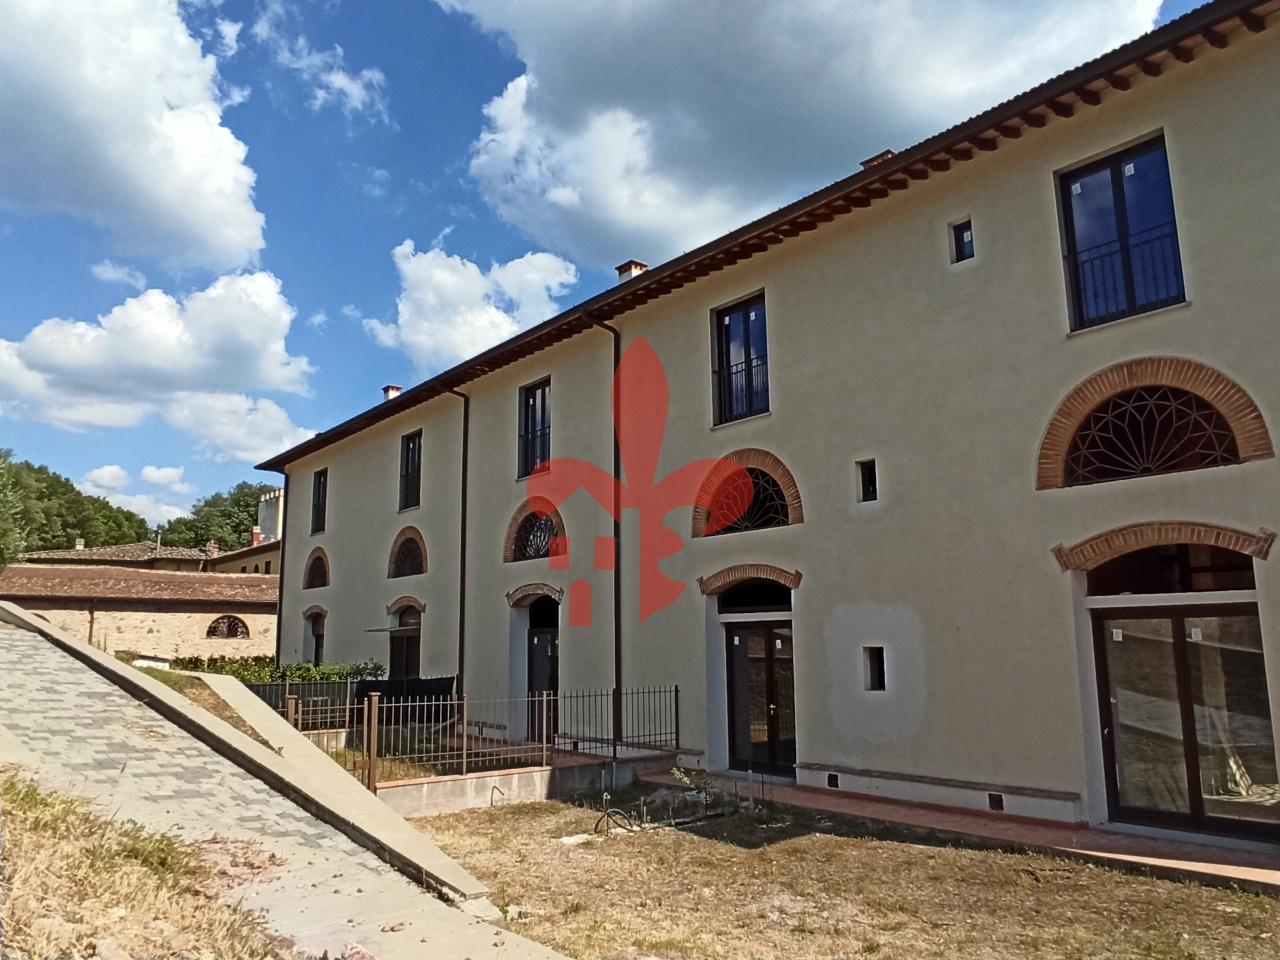 Appartamento in vendita a Greve in Chianti, 5 locali, prezzo € 315.000 | CambioCasa.it